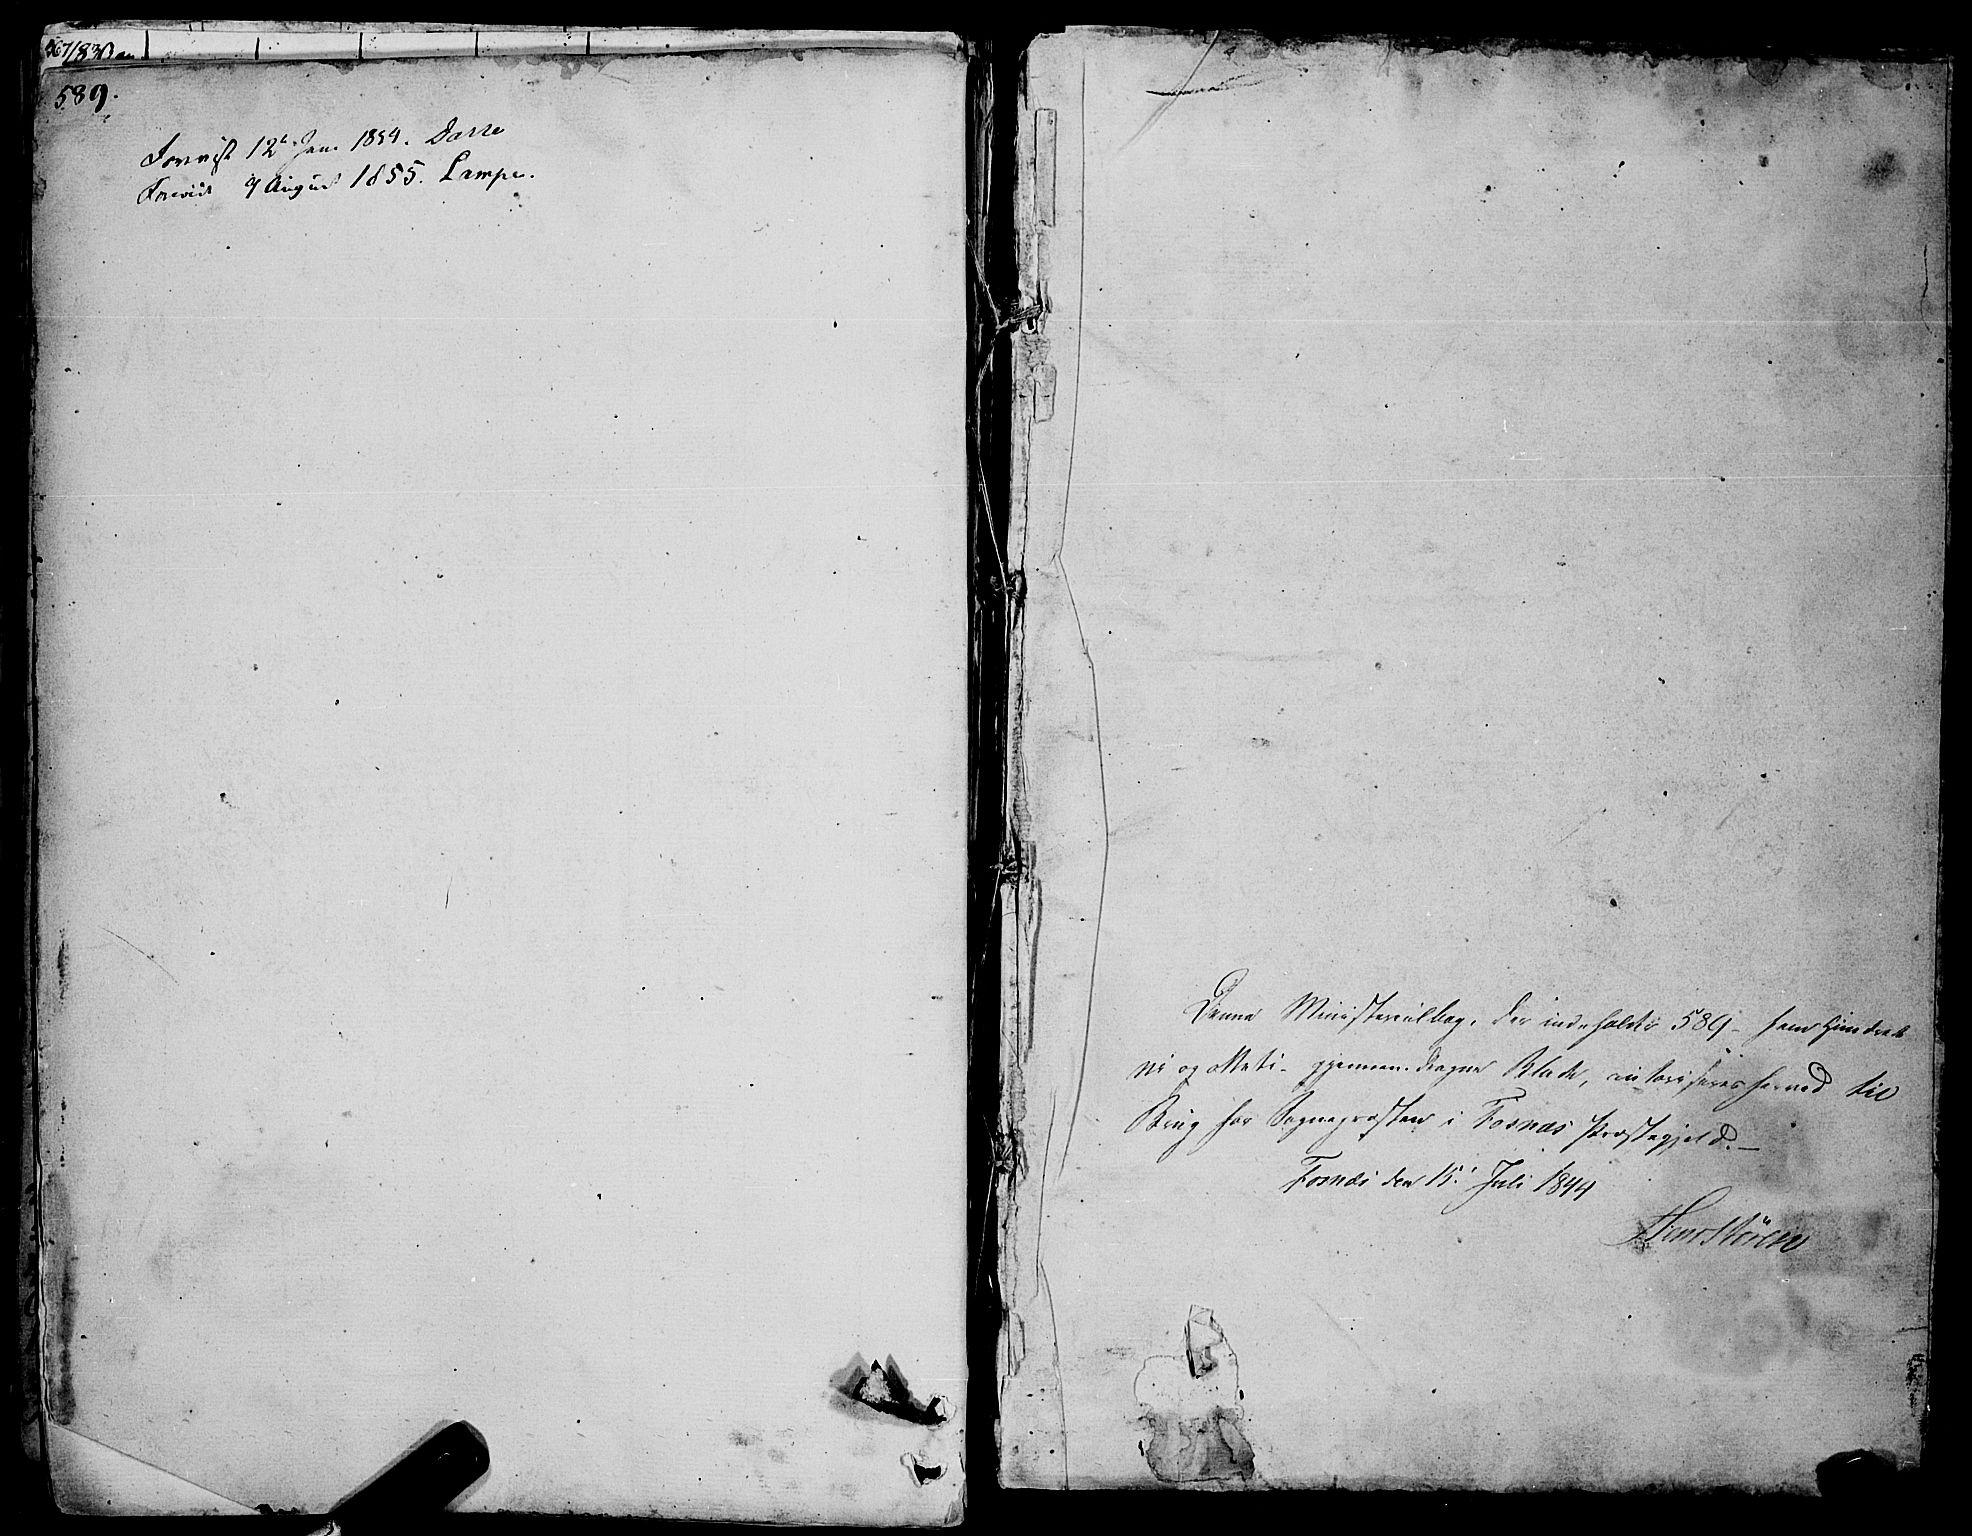 SAT, Ministerialprotokoller, klokkerbøker og fødselsregistre - Nord-Trøndelag, 773/L0614: Ministerialbok nr. 773A05, 1831-1856, s. 589